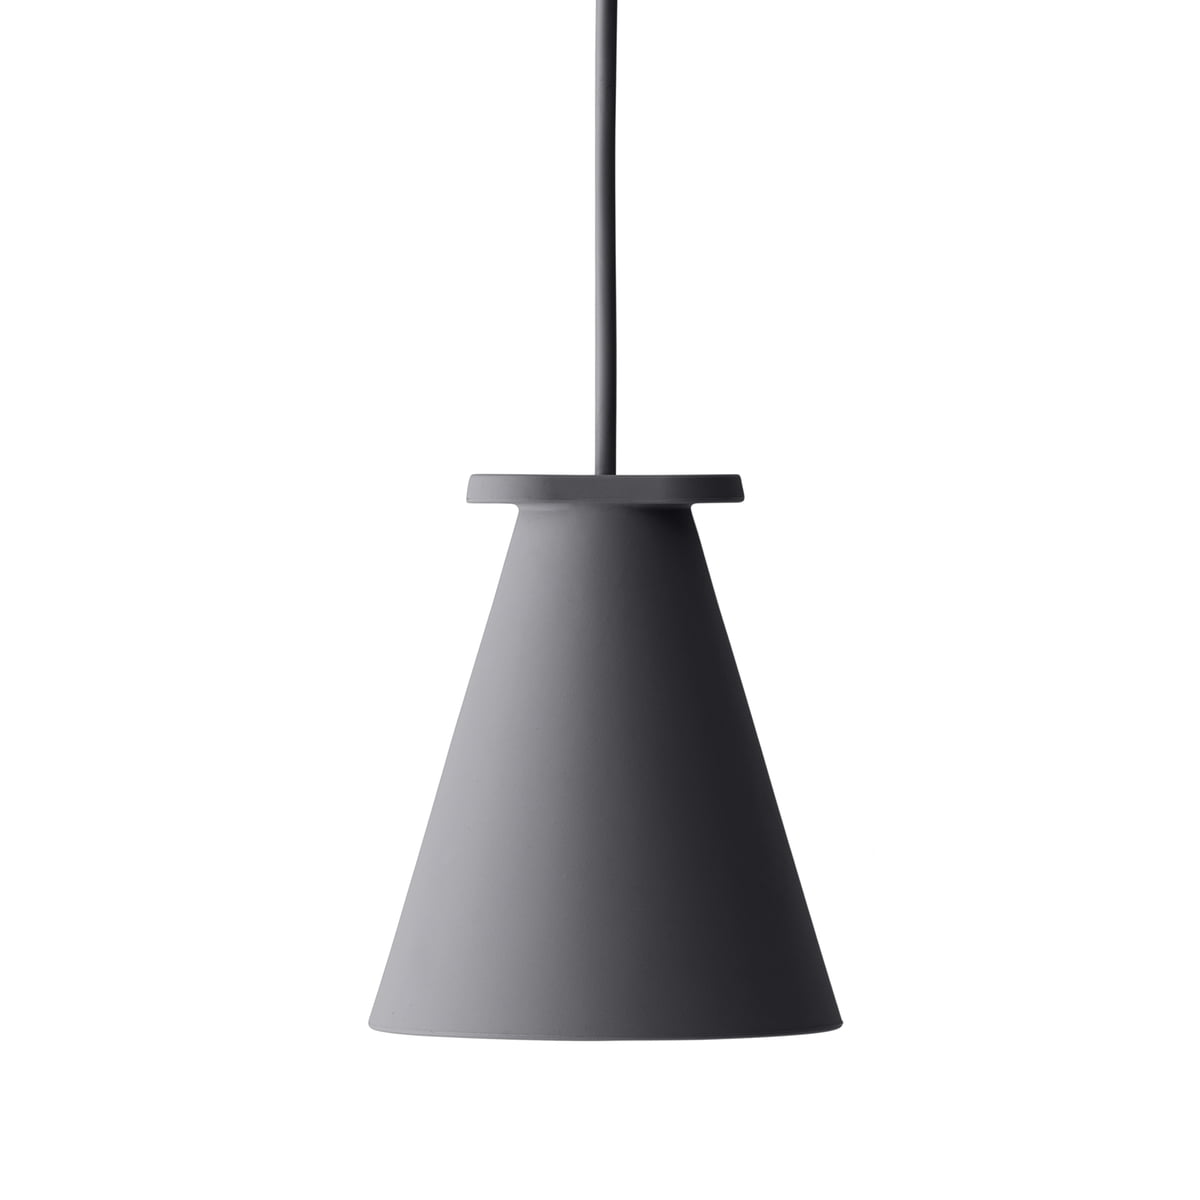 bollard leuchte von menu connox. Black Bedroom Furniture Sets. Home Design Ideas